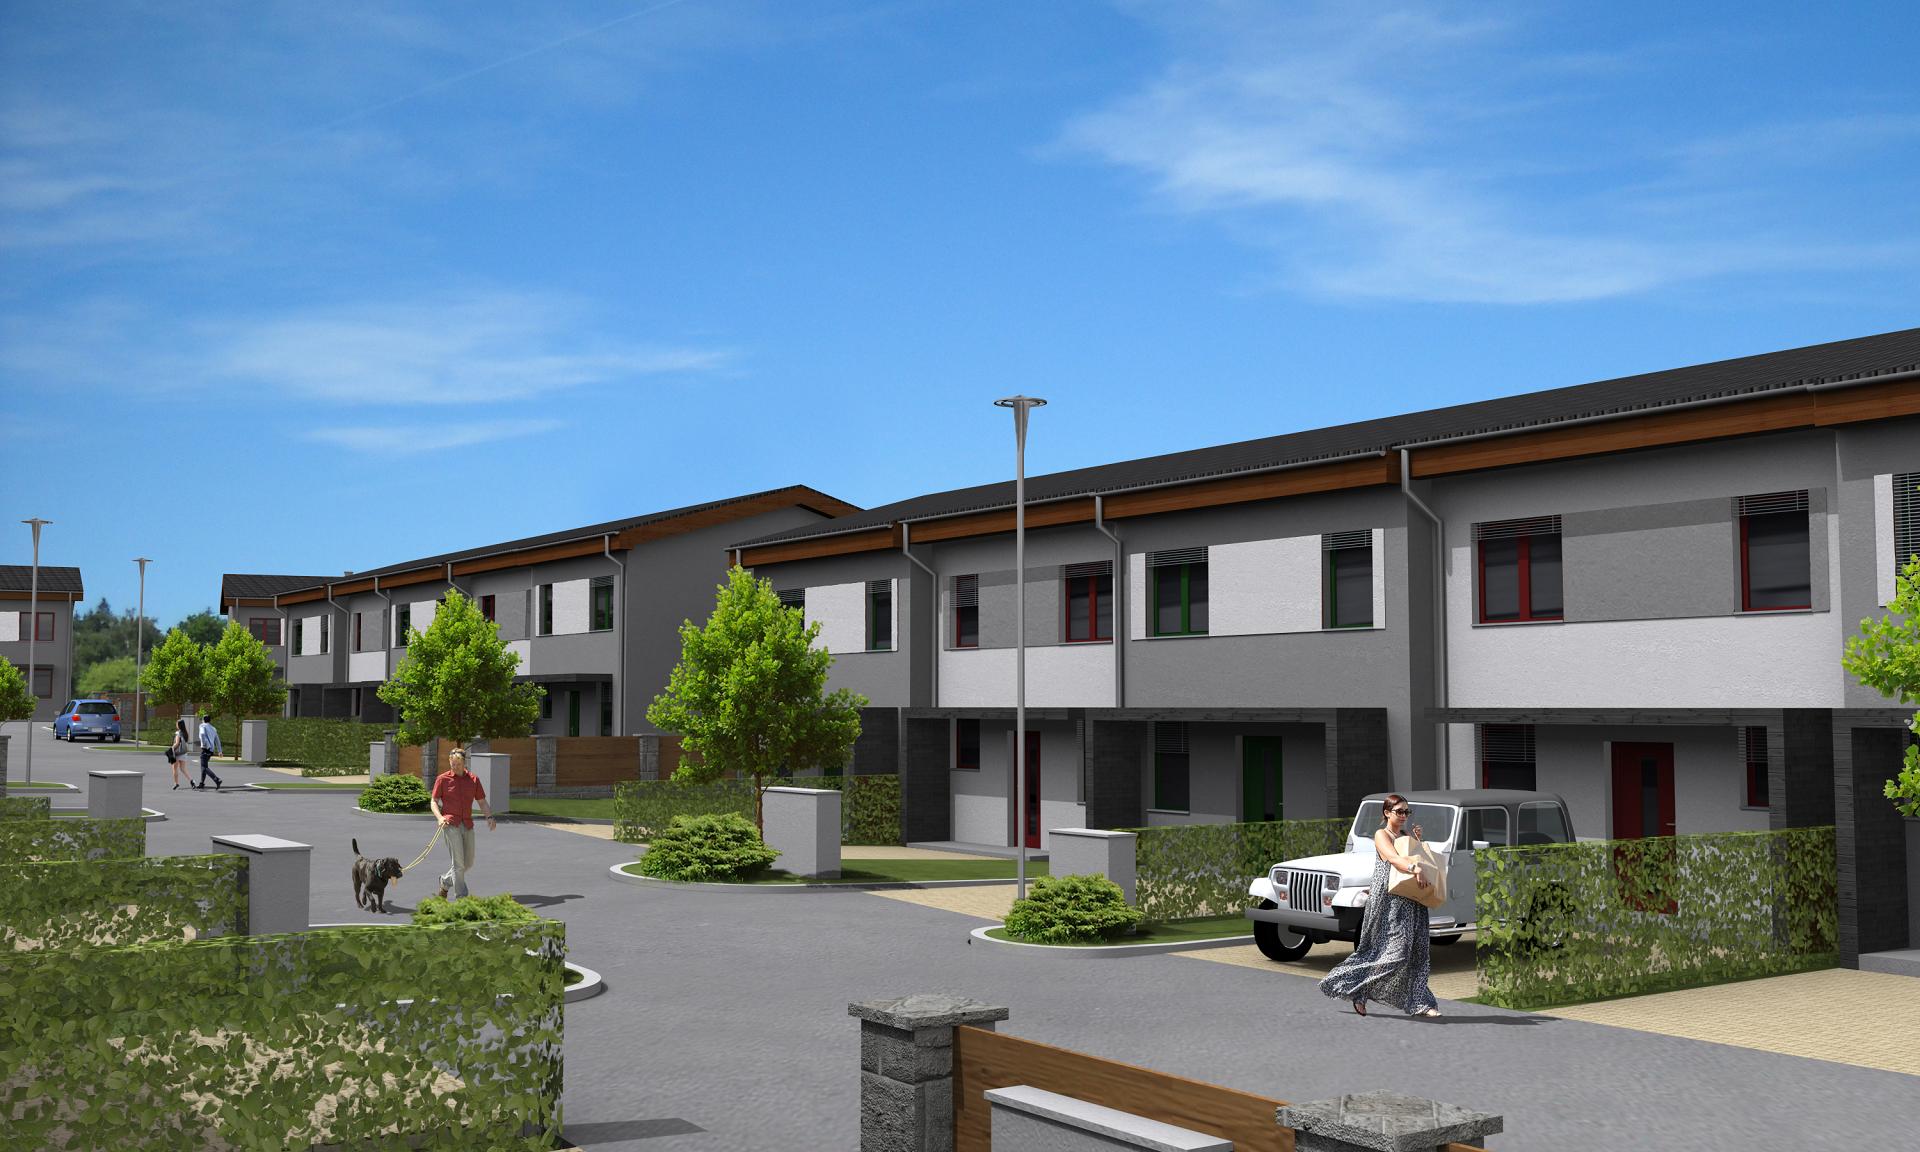 V dalším novém projektu společnosti Bidli vznikne v Myslince u Plzně nová čtvrť. V I. etapě se již staví 20 řadových rodinných domů.